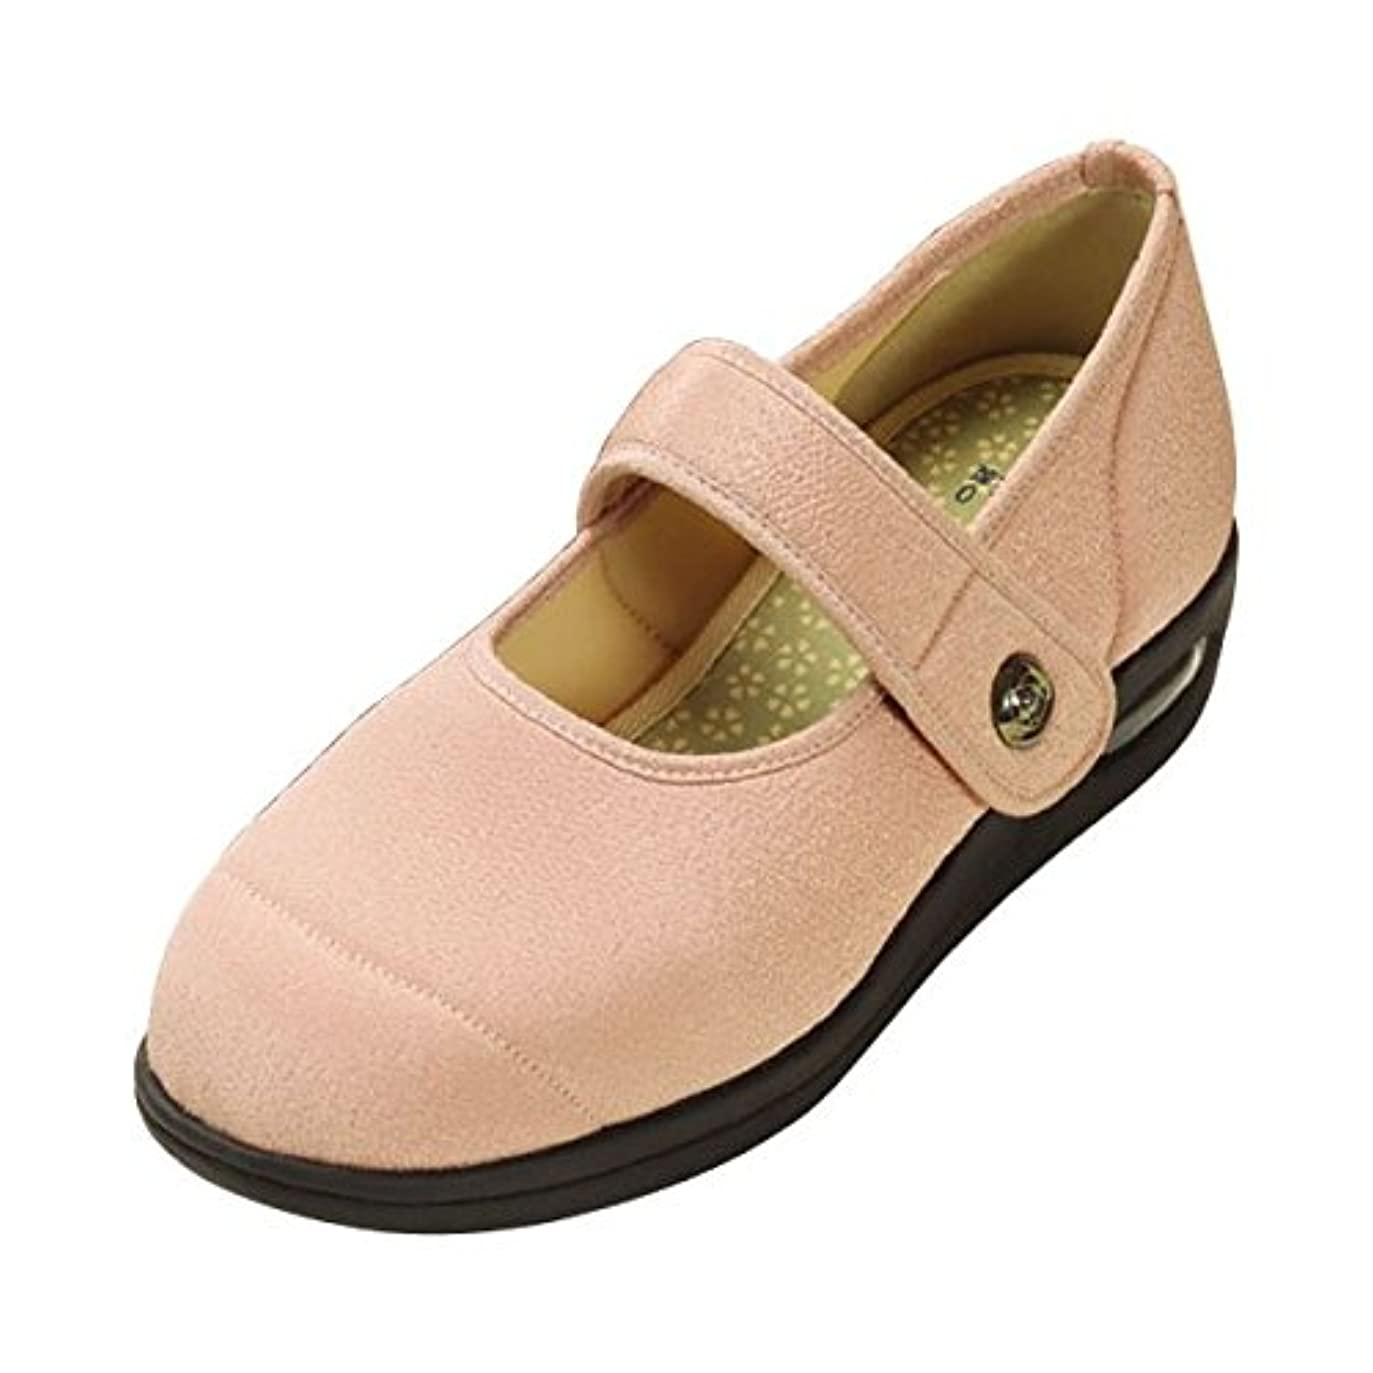 ボーナススパイ郵便物マリアンヌ製靴 彩彩~ちりめん~ W1101 婦人用 /23.0cm さくら ds-1431922